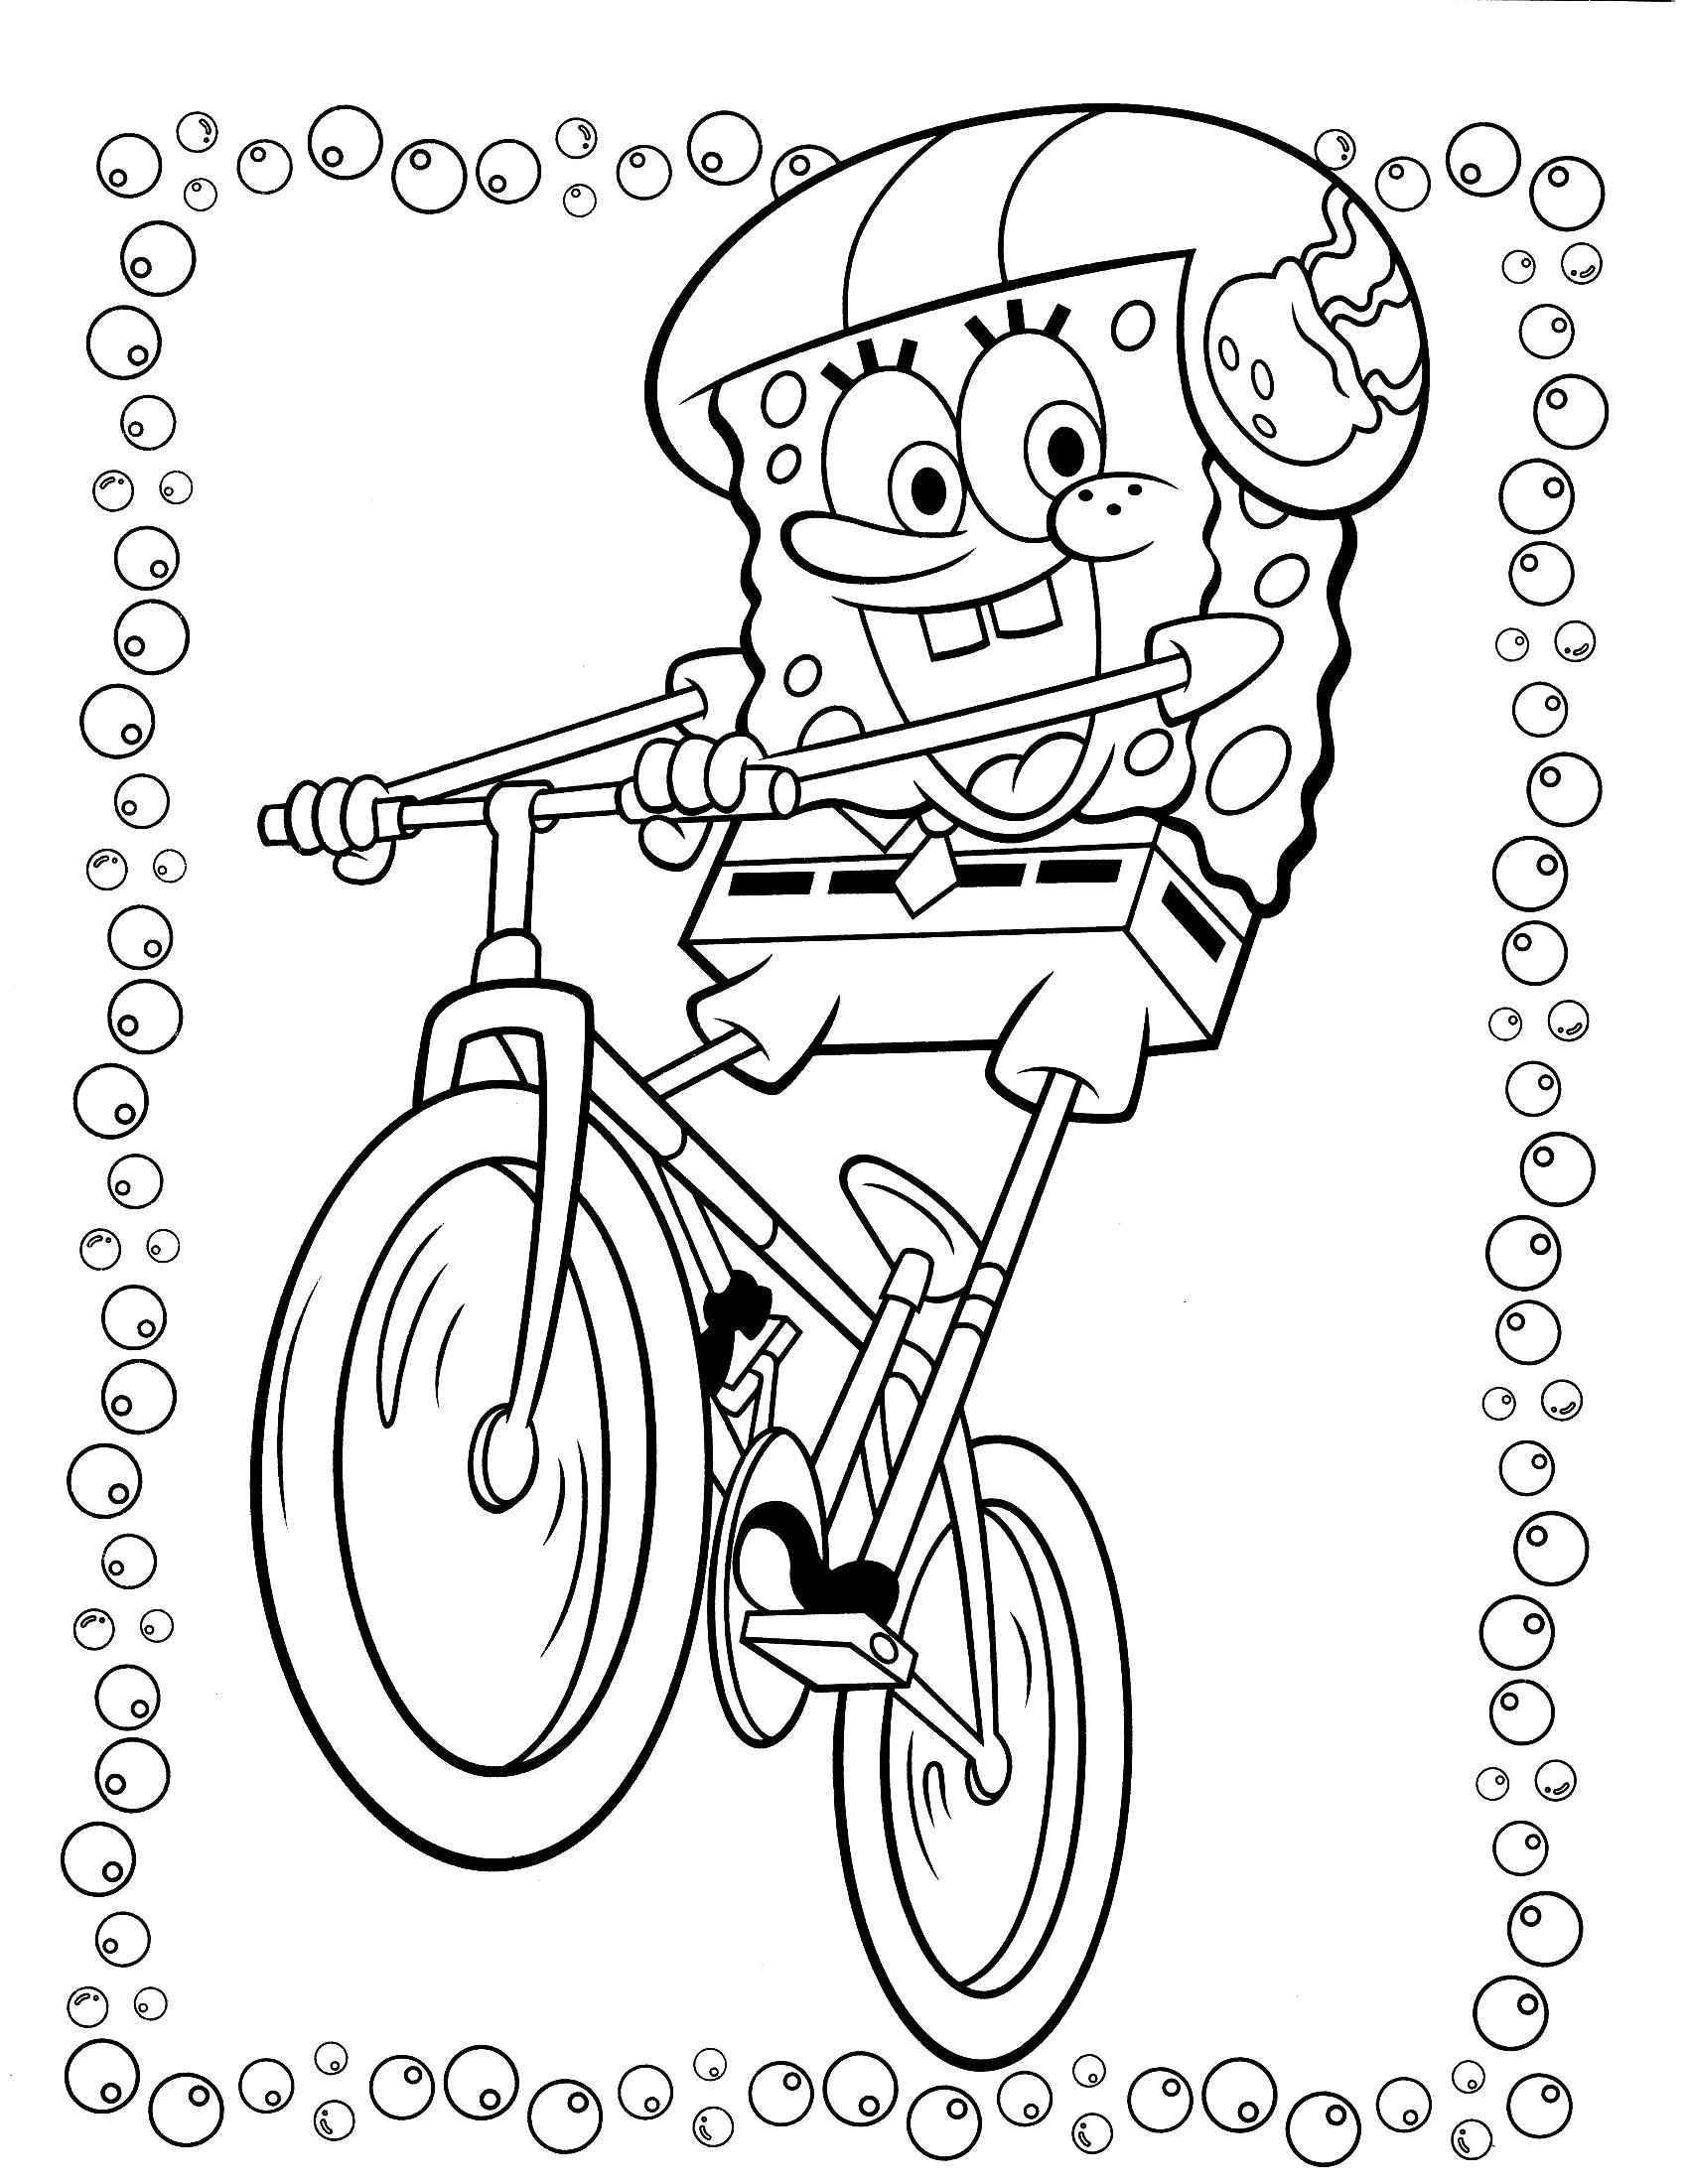 Раскраска Губка Боб на велосипеде. Скачать Спанч боб.  Распечатать Спанч боб